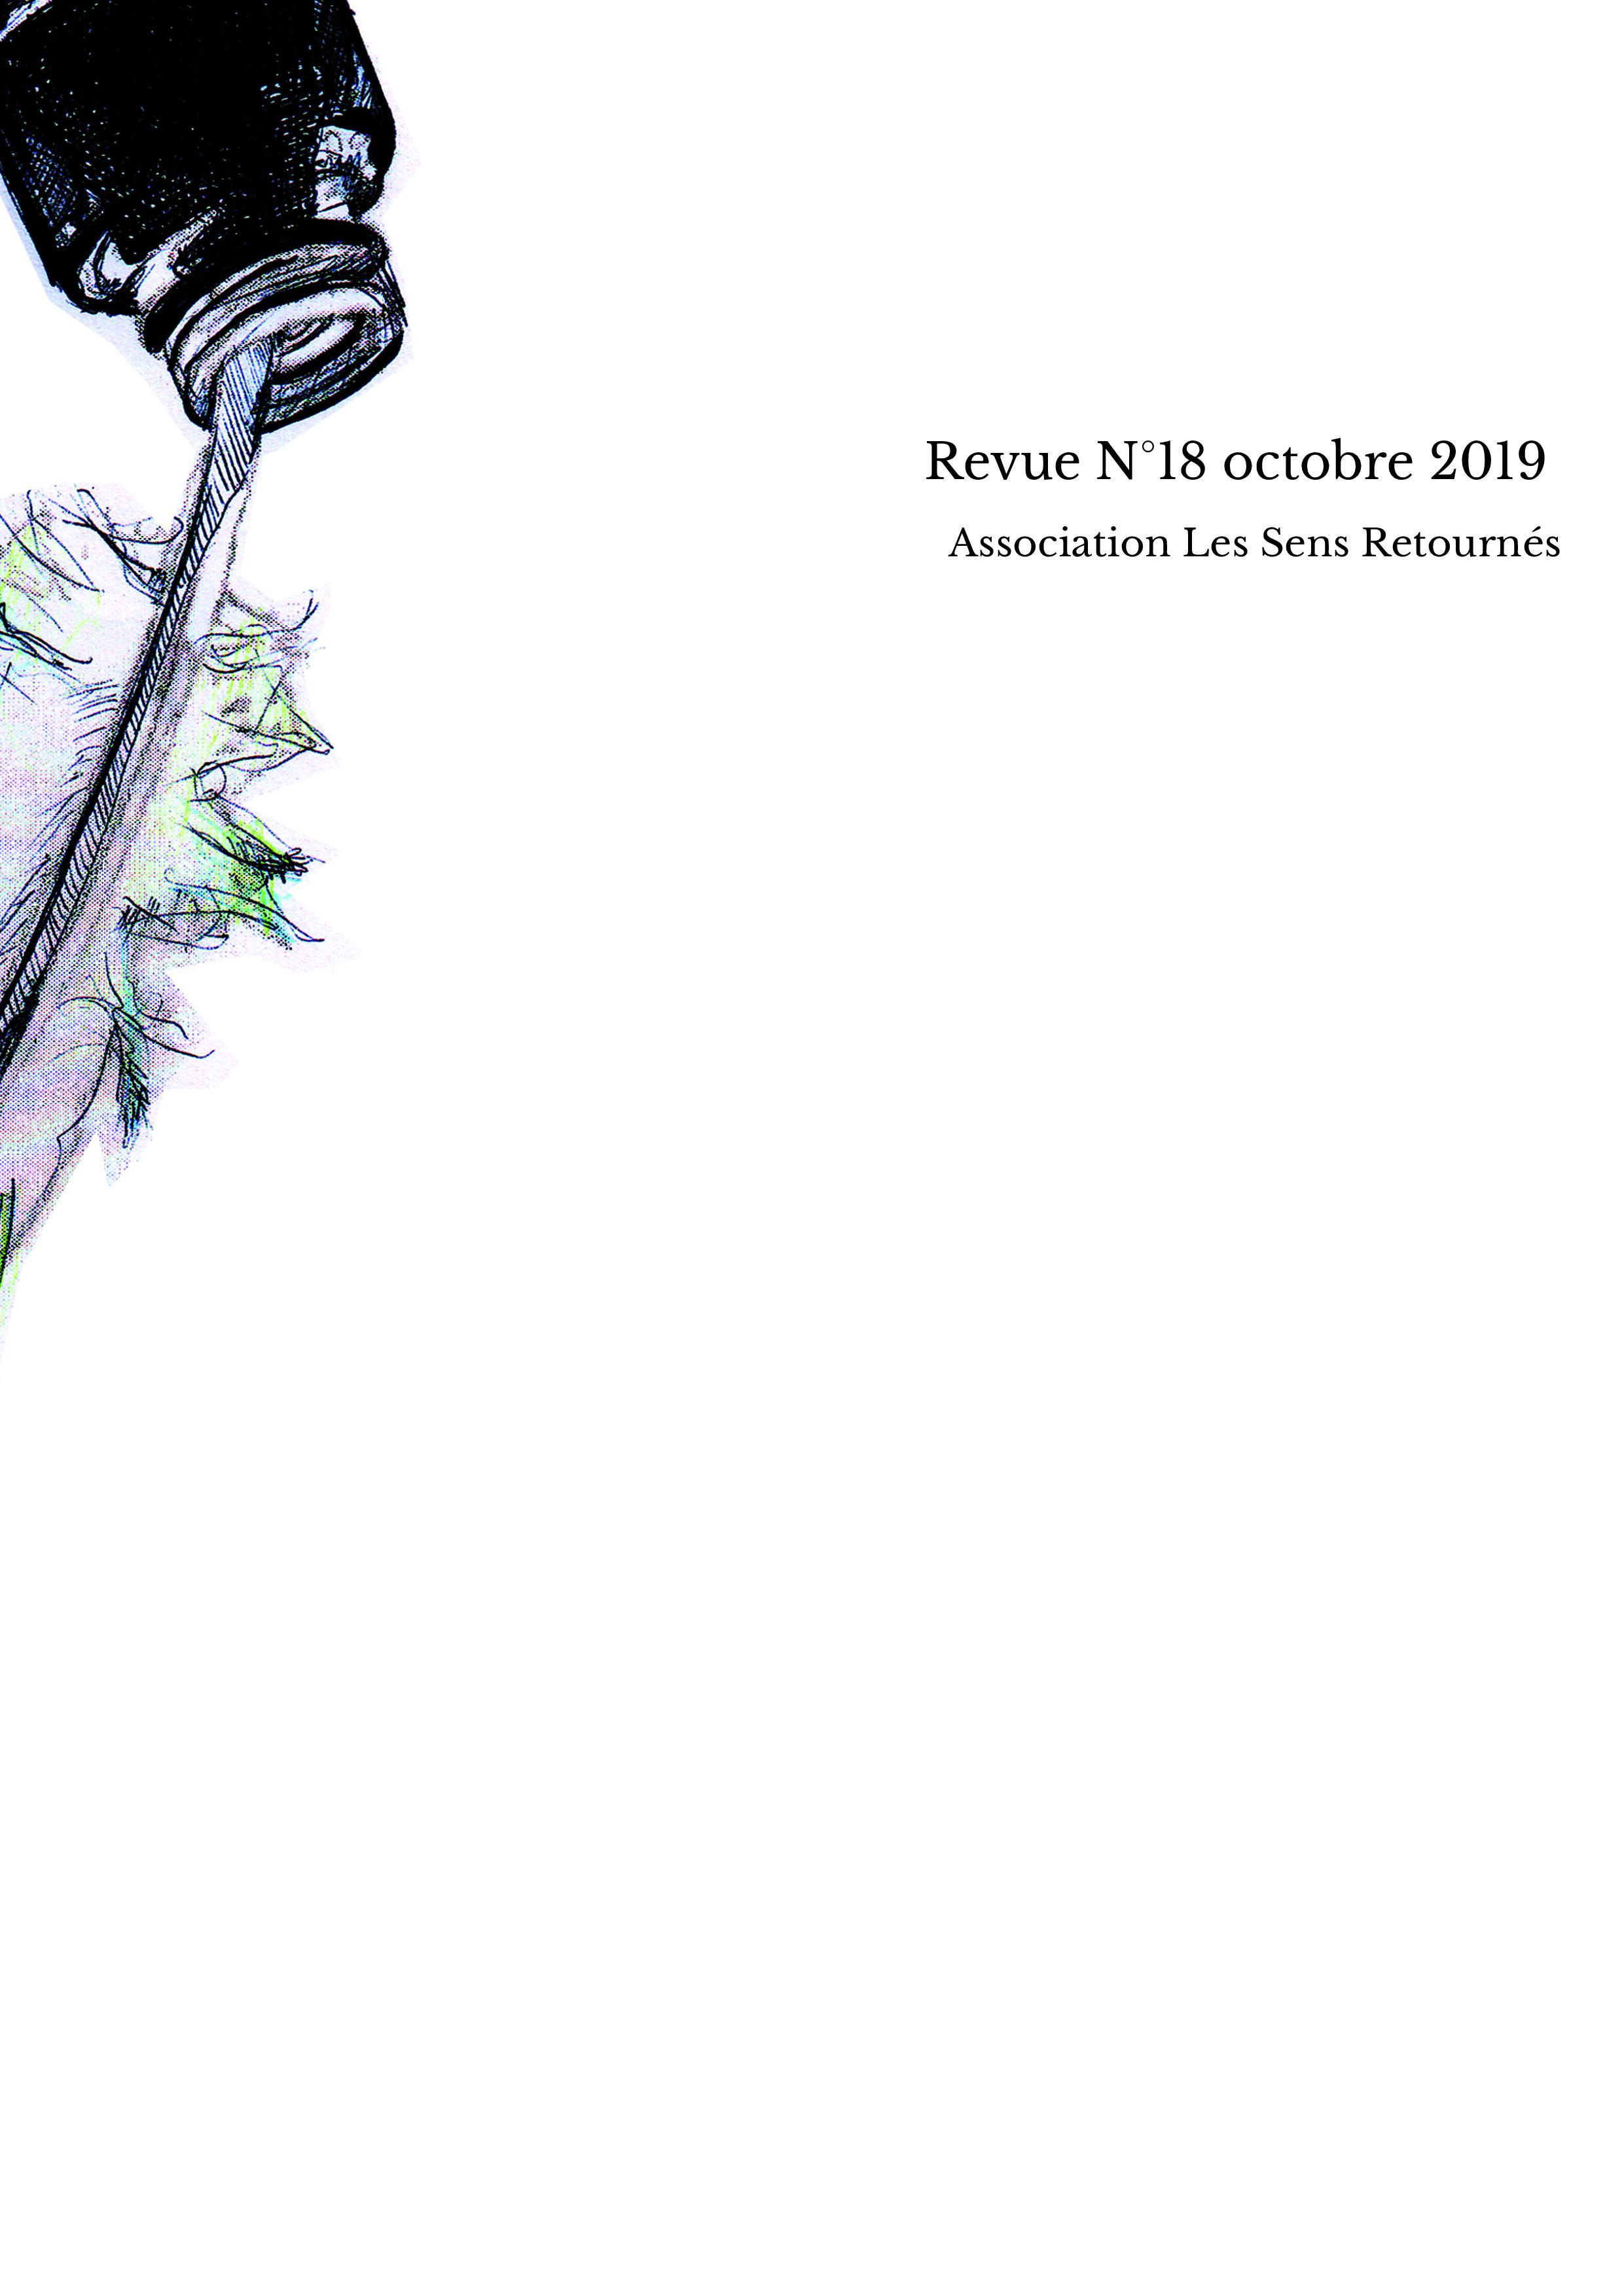 Revue N°18 octobre 2019